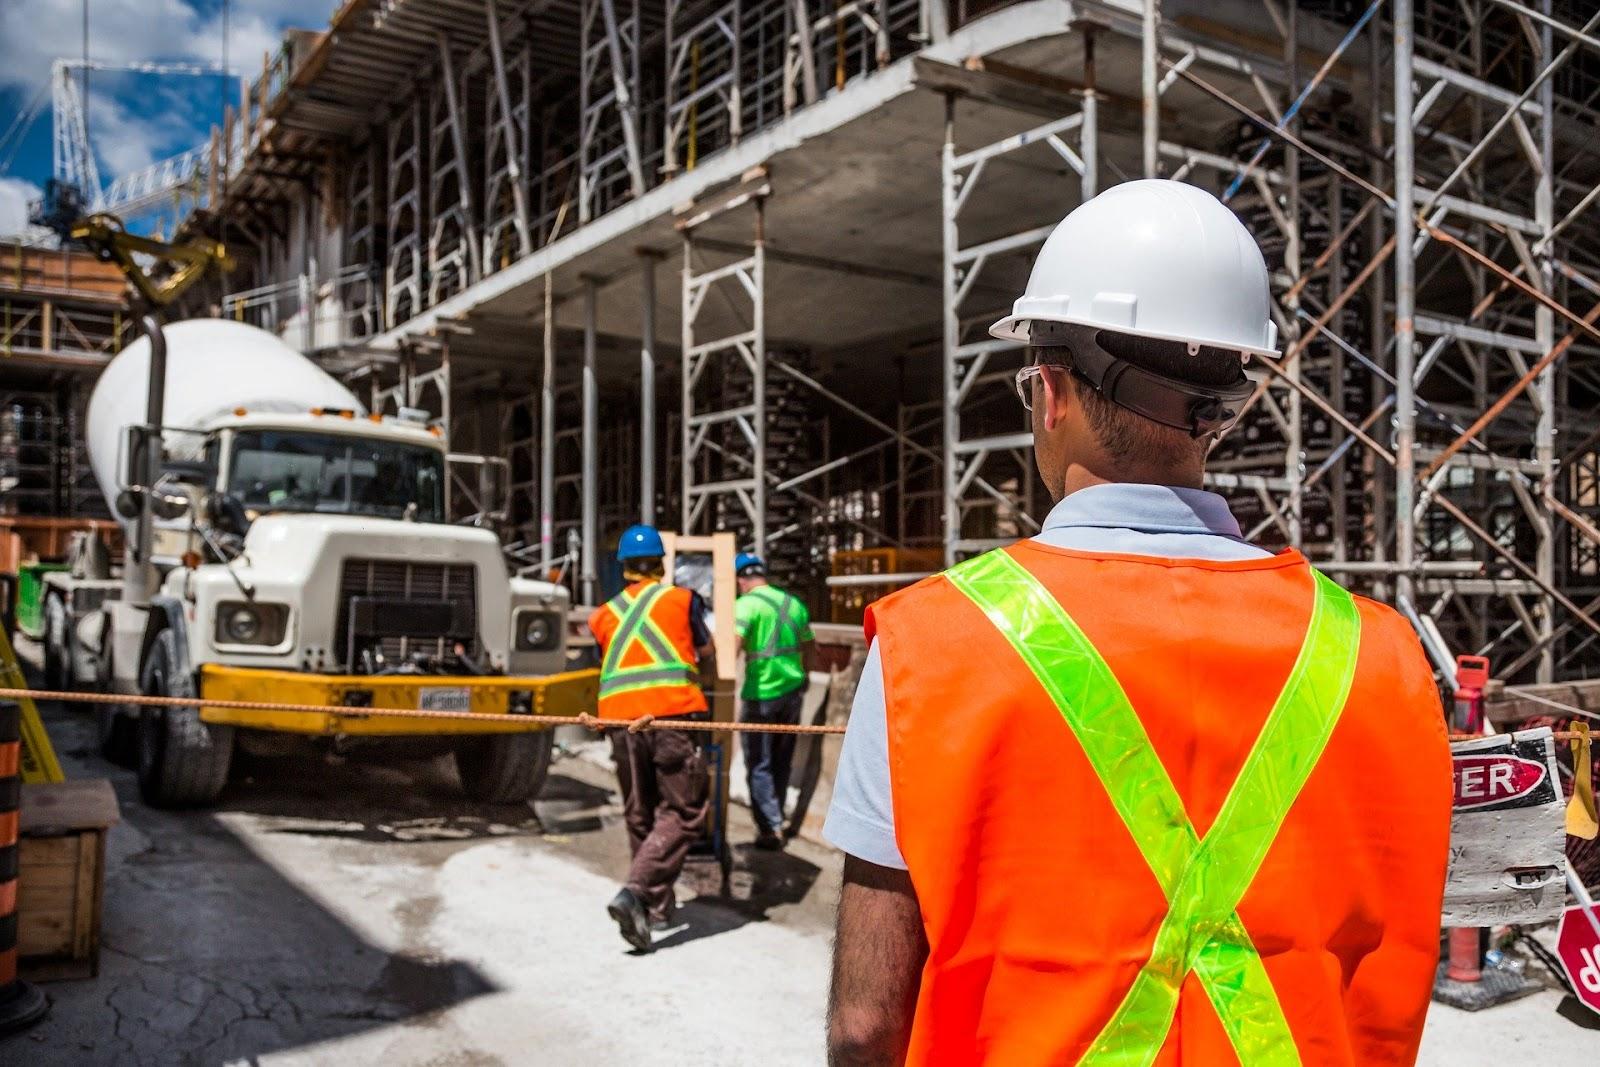 O uso dos equipamentos de proteção individual (EPI) torna-se obrigatório em alguns casos, como em indústrias químicas, empreendimentos em construção, entre outros.